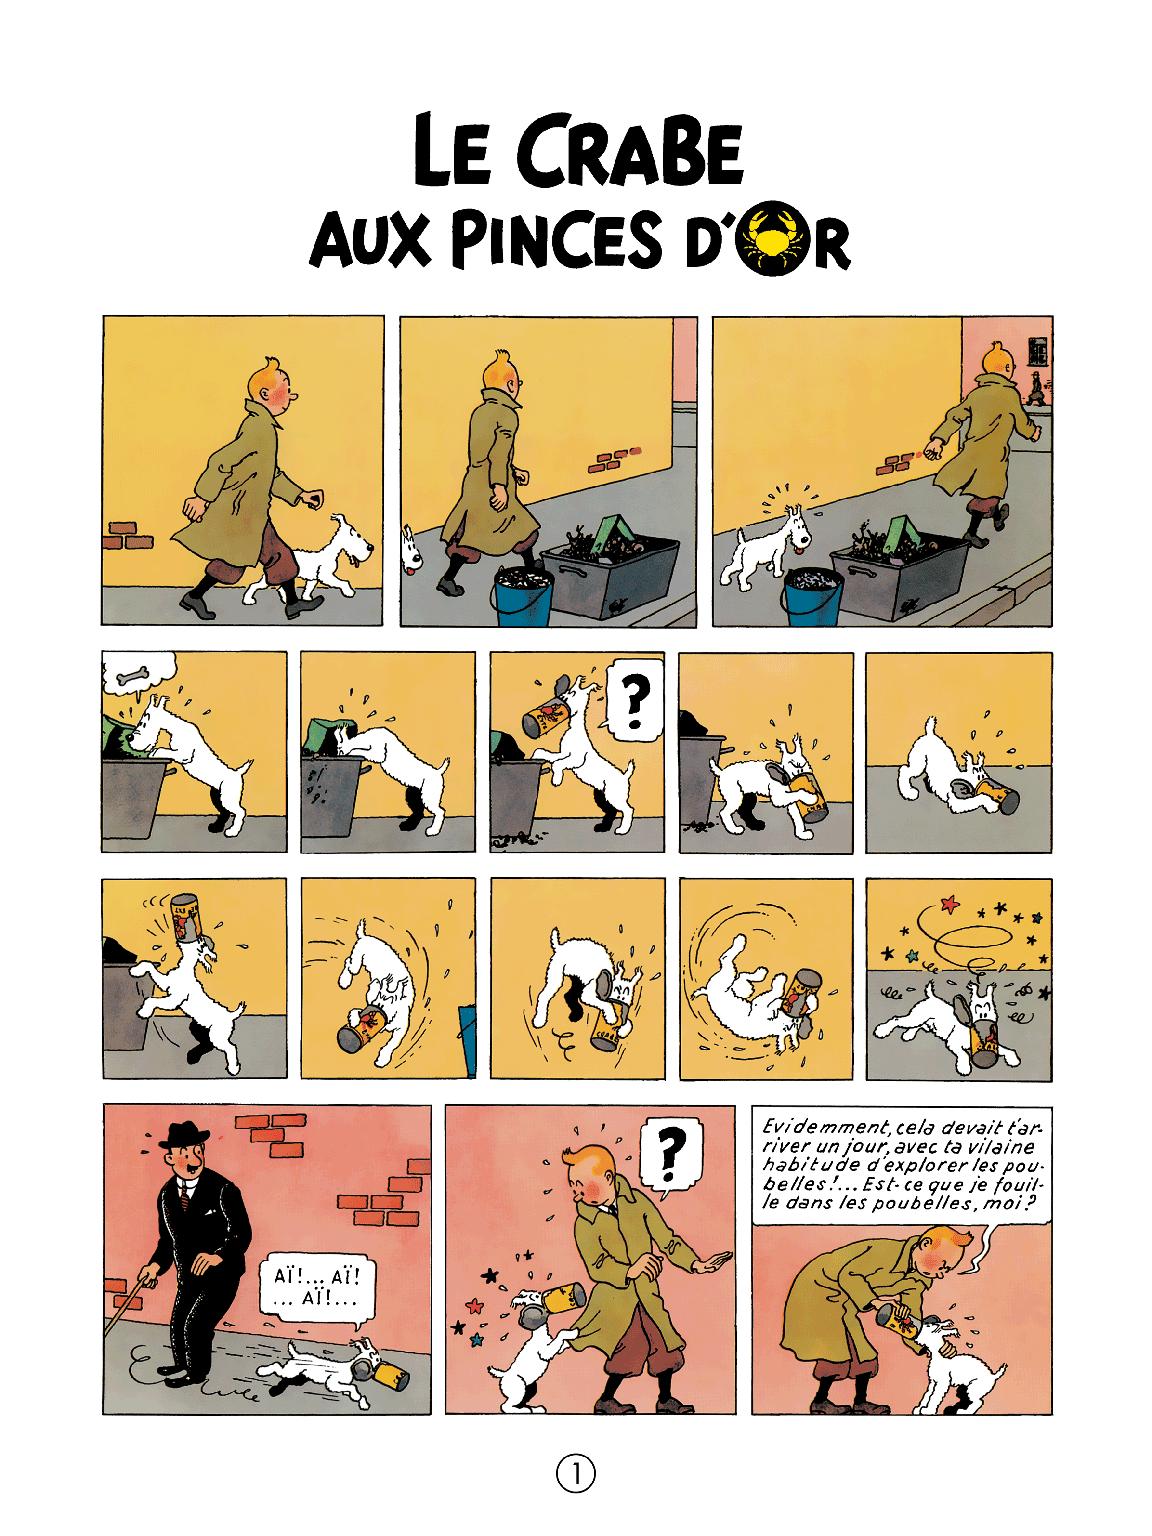 Le Crabe aux pinces d'or - page 1